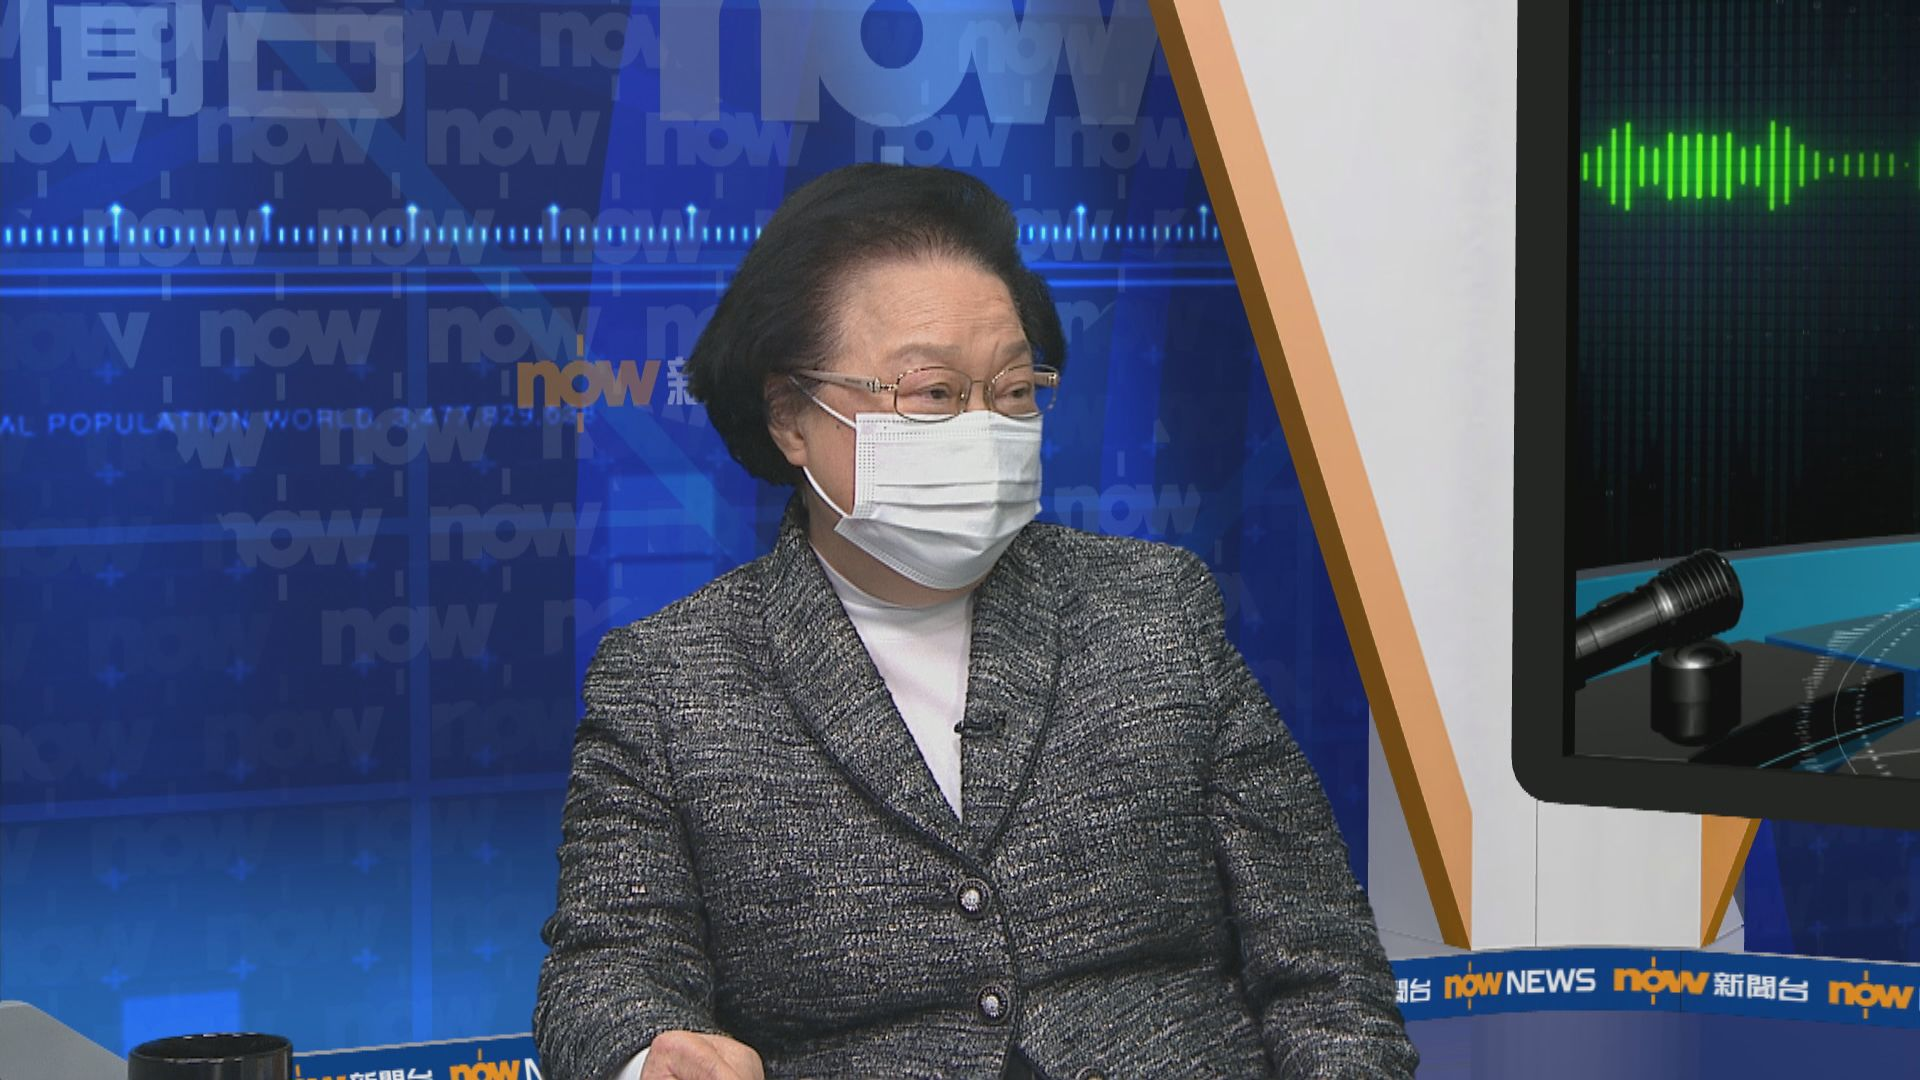 譚惠珠料中方就BNO移民方案有反制措施